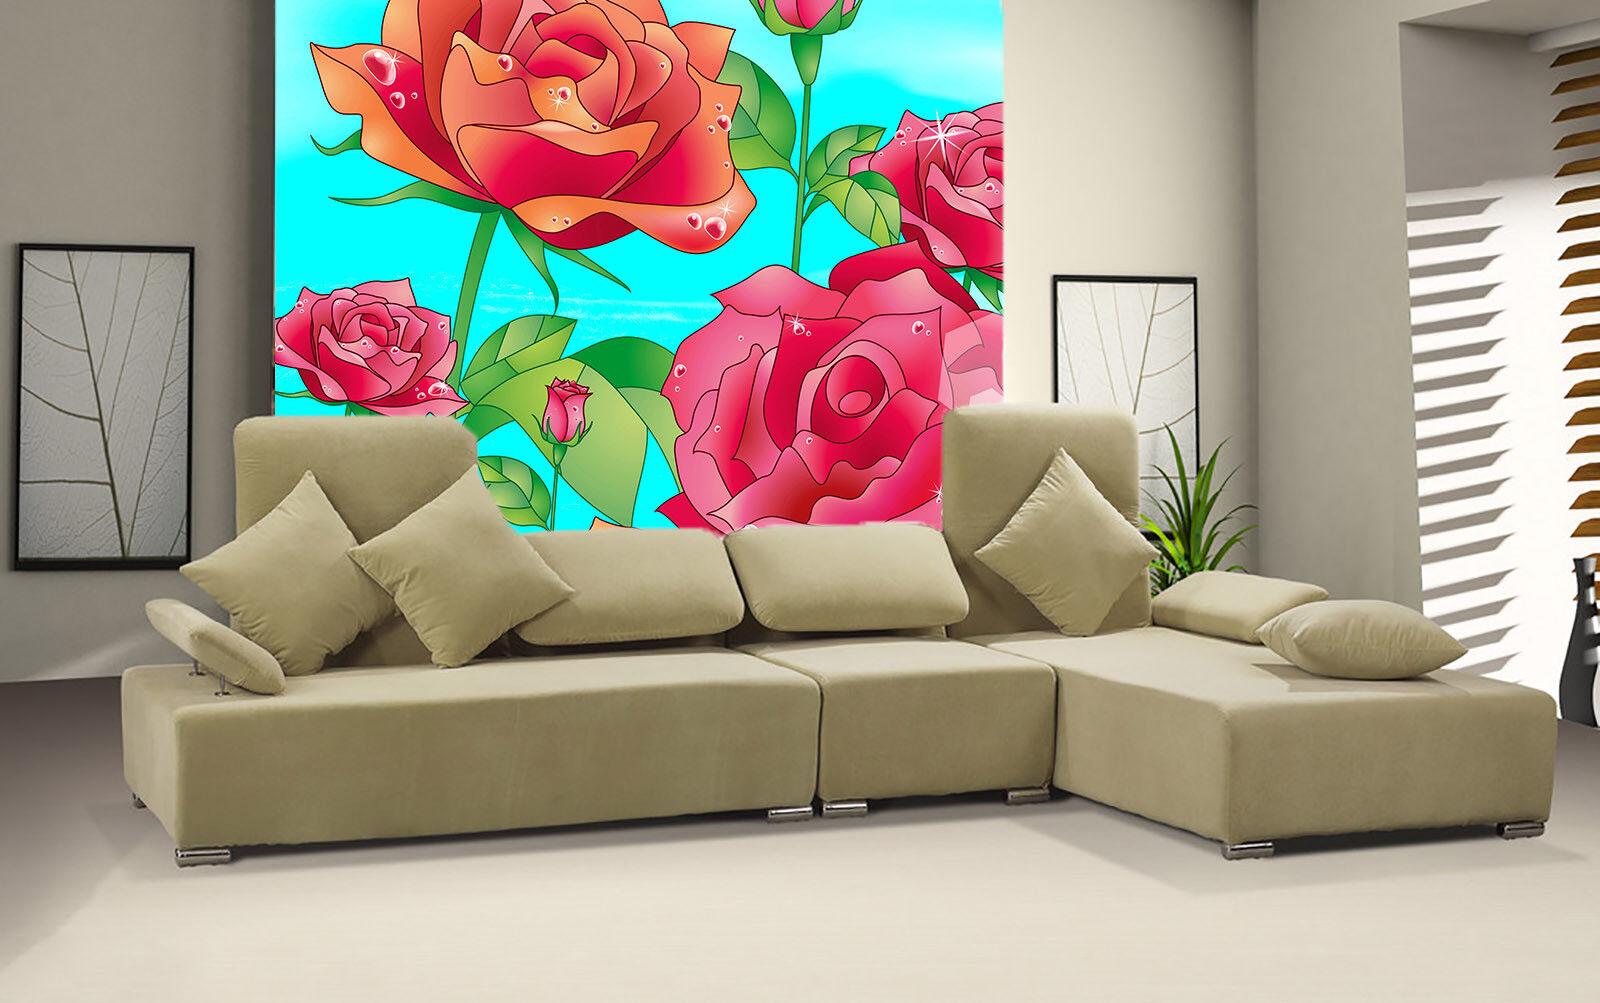 3D Cartoon Rote Rote Rote Rosa 75 Tapete Wandgemälde Tapete Tapeten Bild Familie DE Summer | Spielen Sie auf der ganzen Welt und verhindern Sie, dass Ihre Kinder einsam sind  |  b97e49